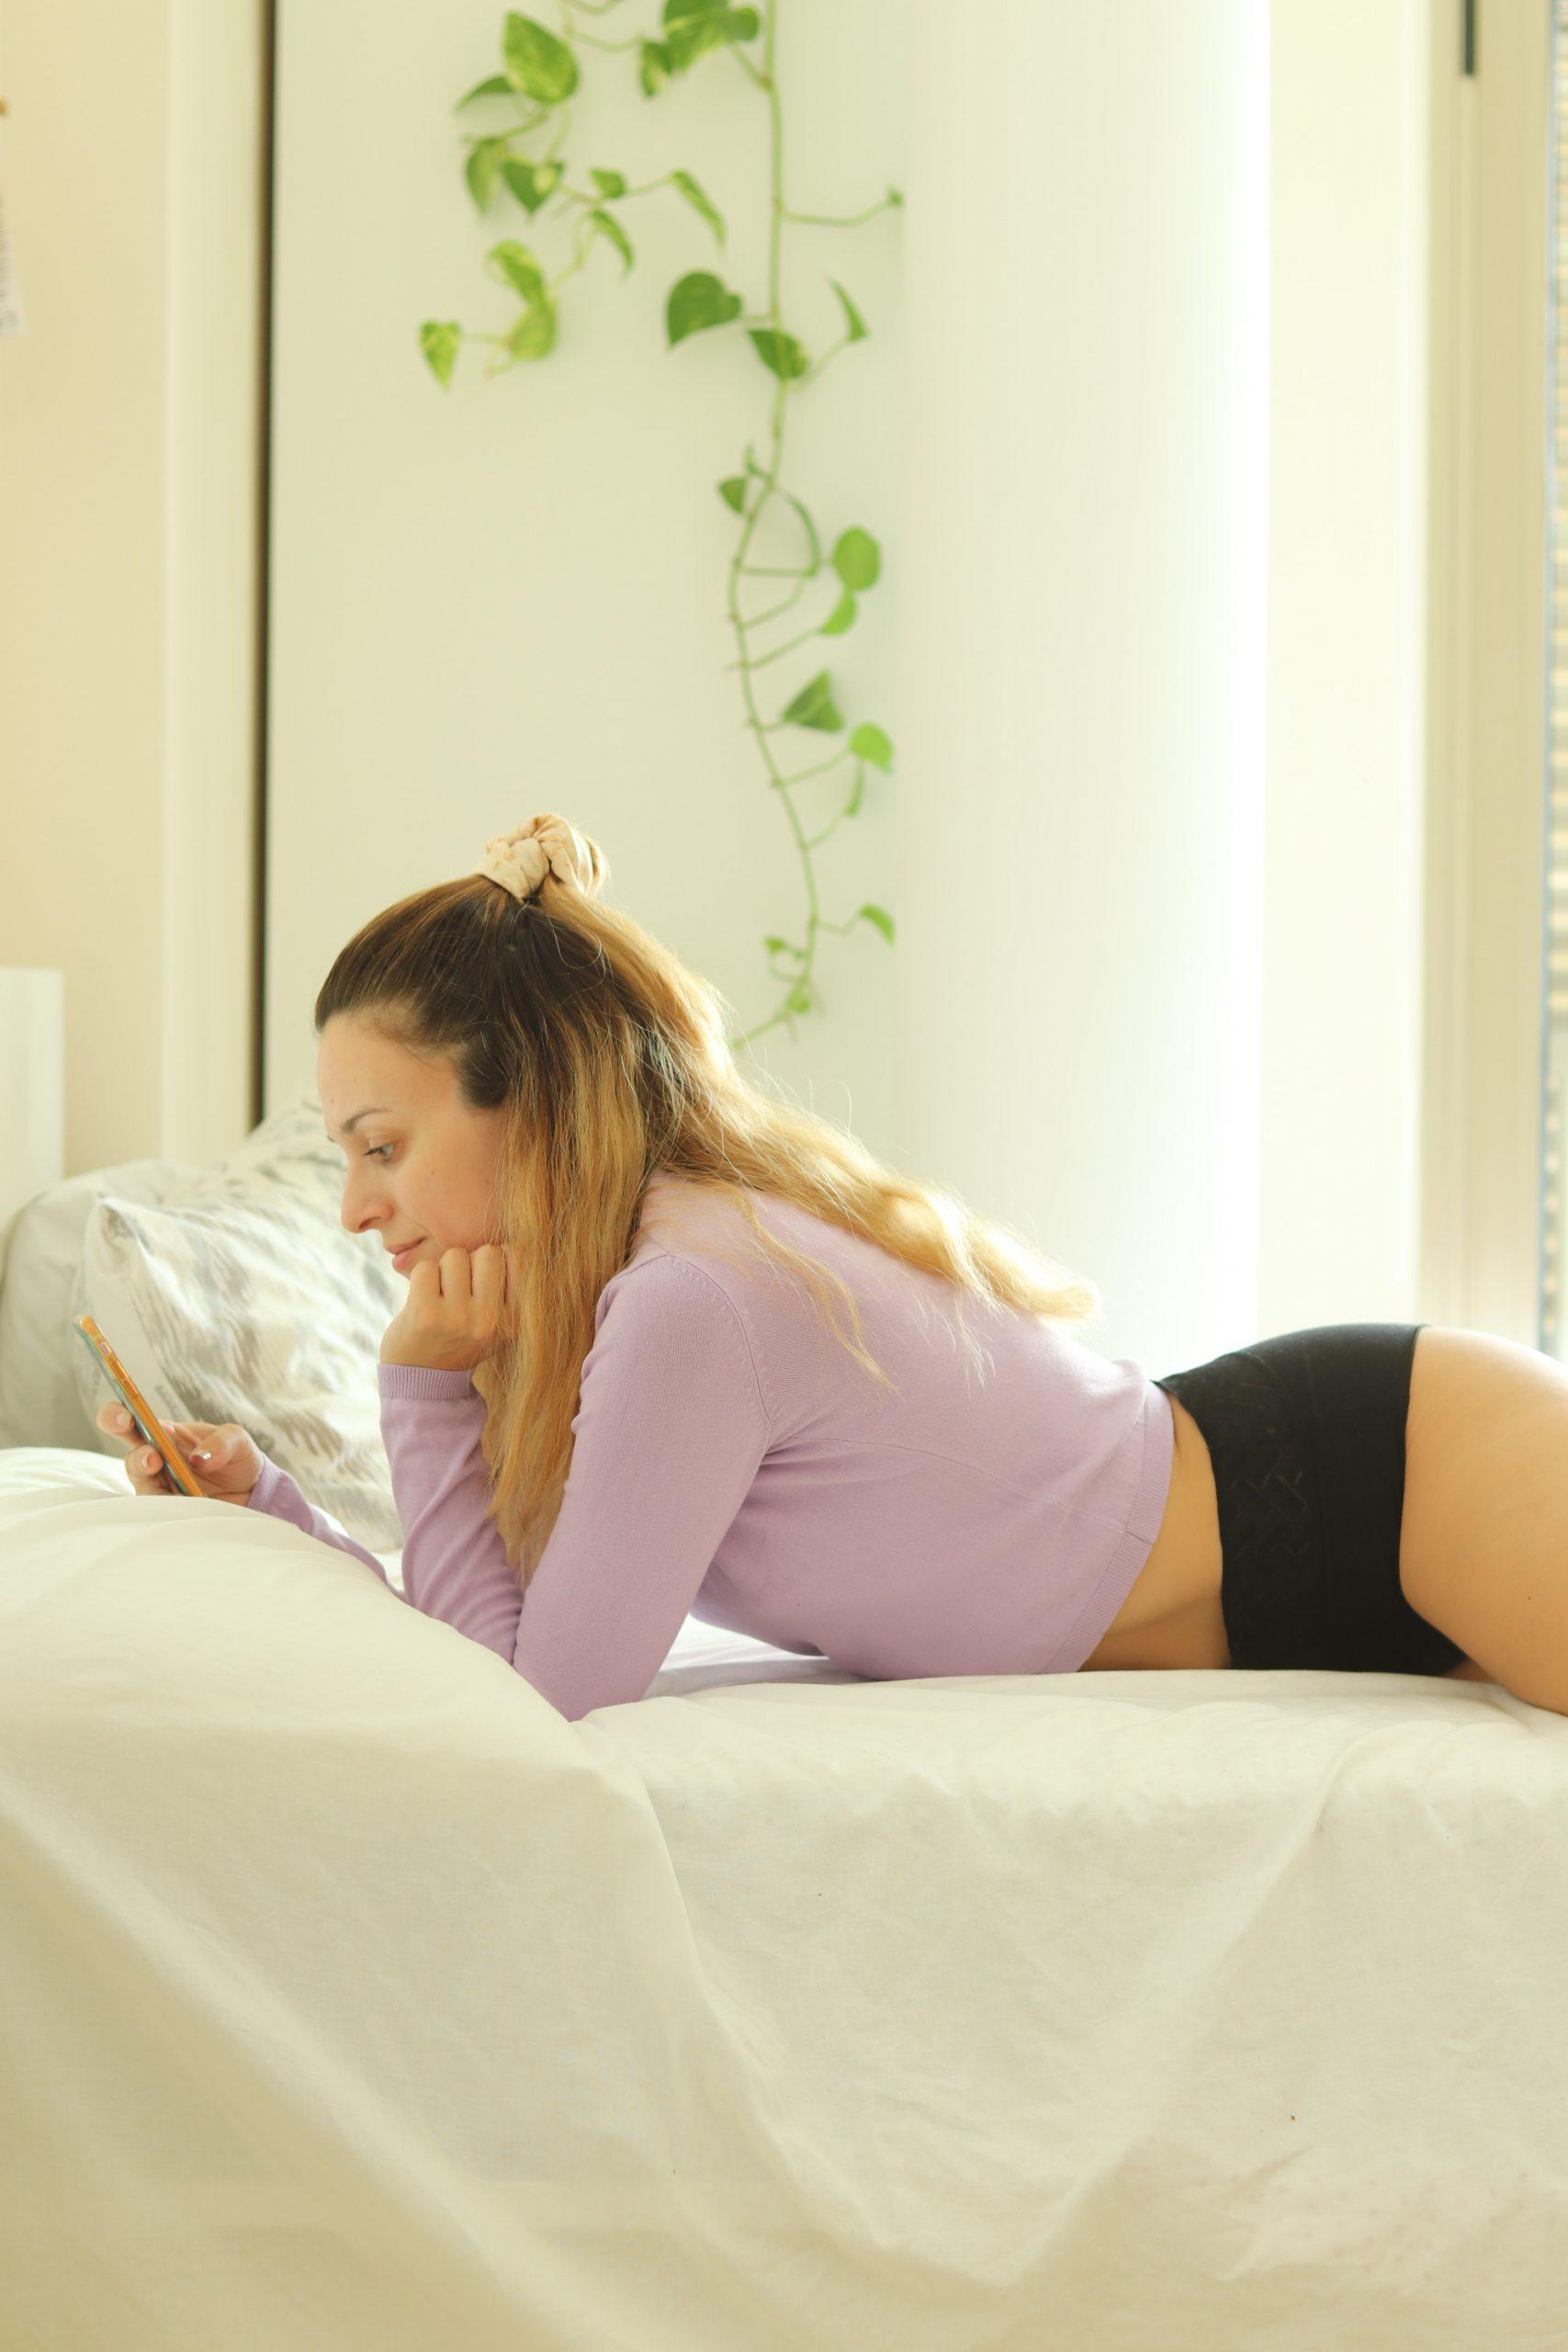 Bragas menstruales Cocoro: opinión (Classic Aran)